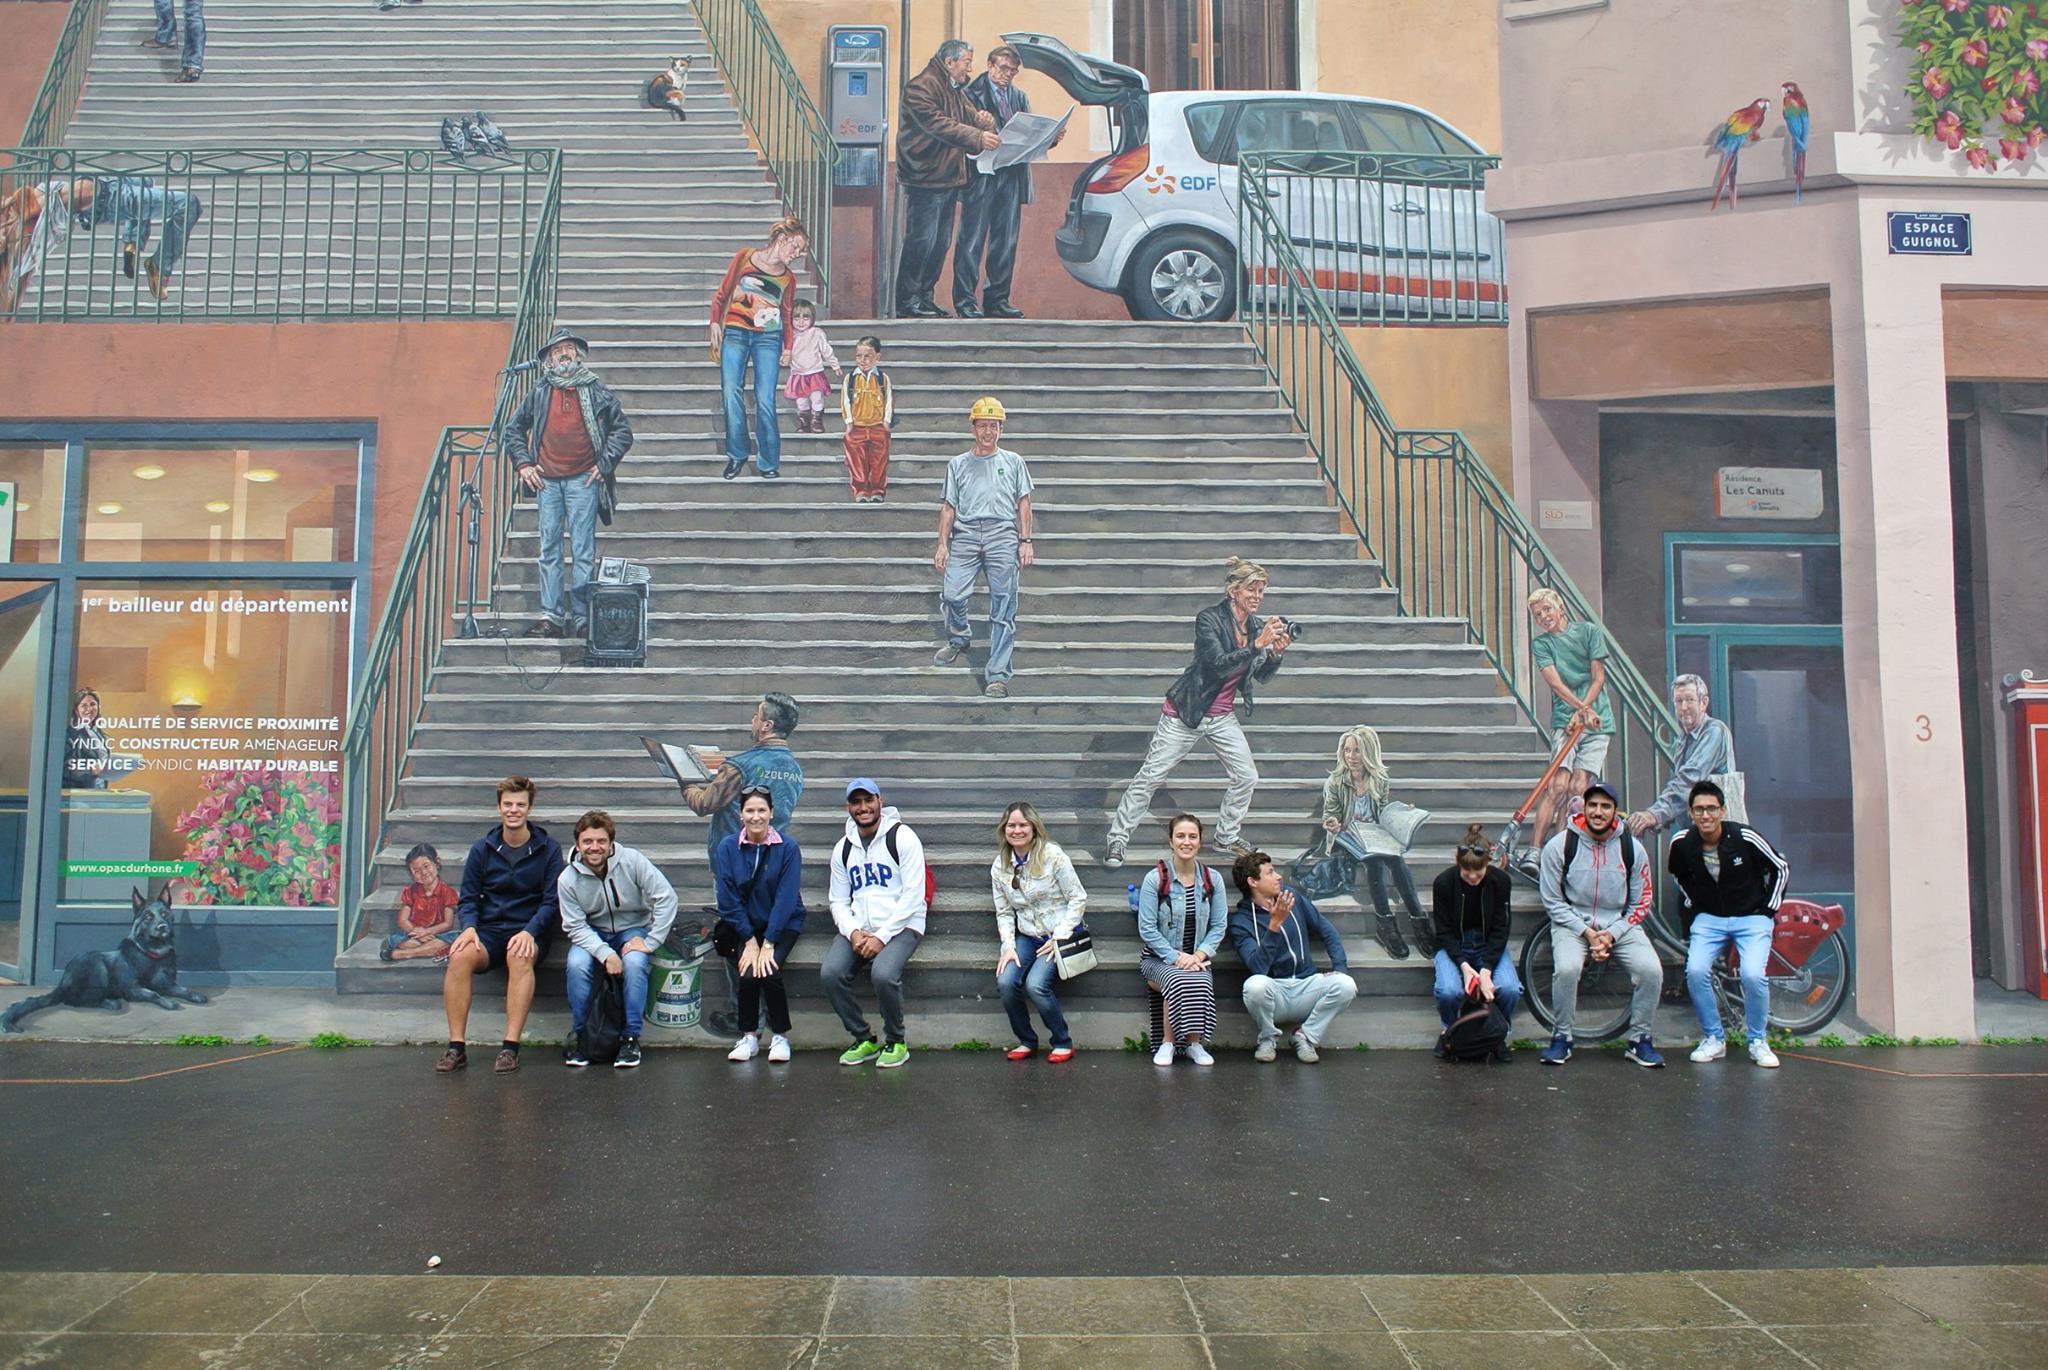 aflyon, alliance francaise de lyo, alliance francaise, lyon, france, excursions, travel, trip, visit, learnfrench, fun